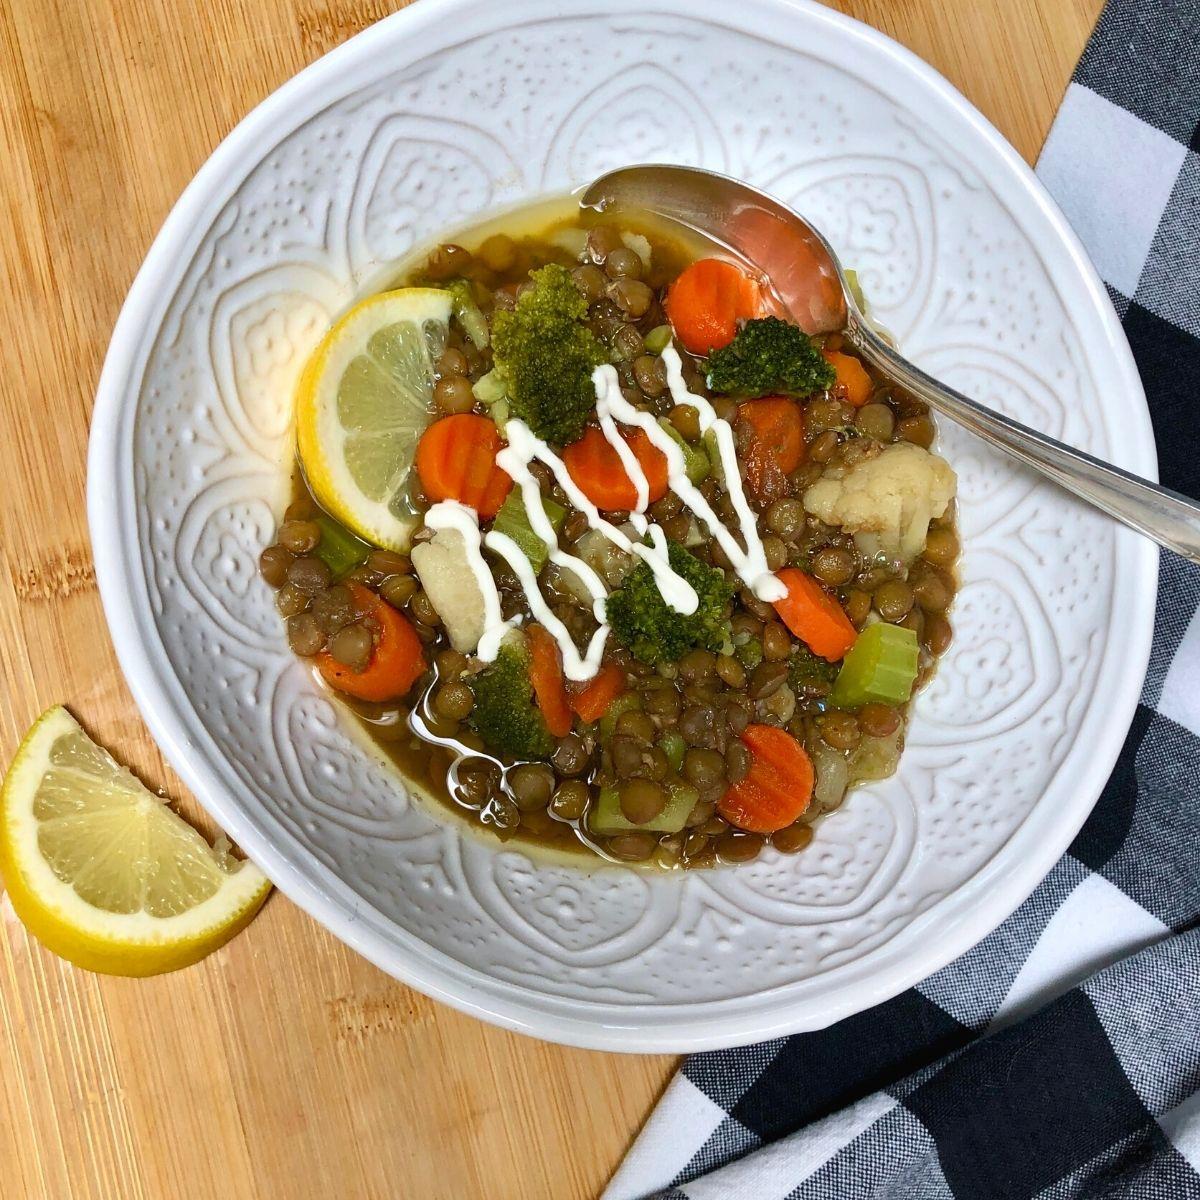 A bowl of easy vegan lentil veggie soup garnished with plain vegan yogurt and lemon wedges.